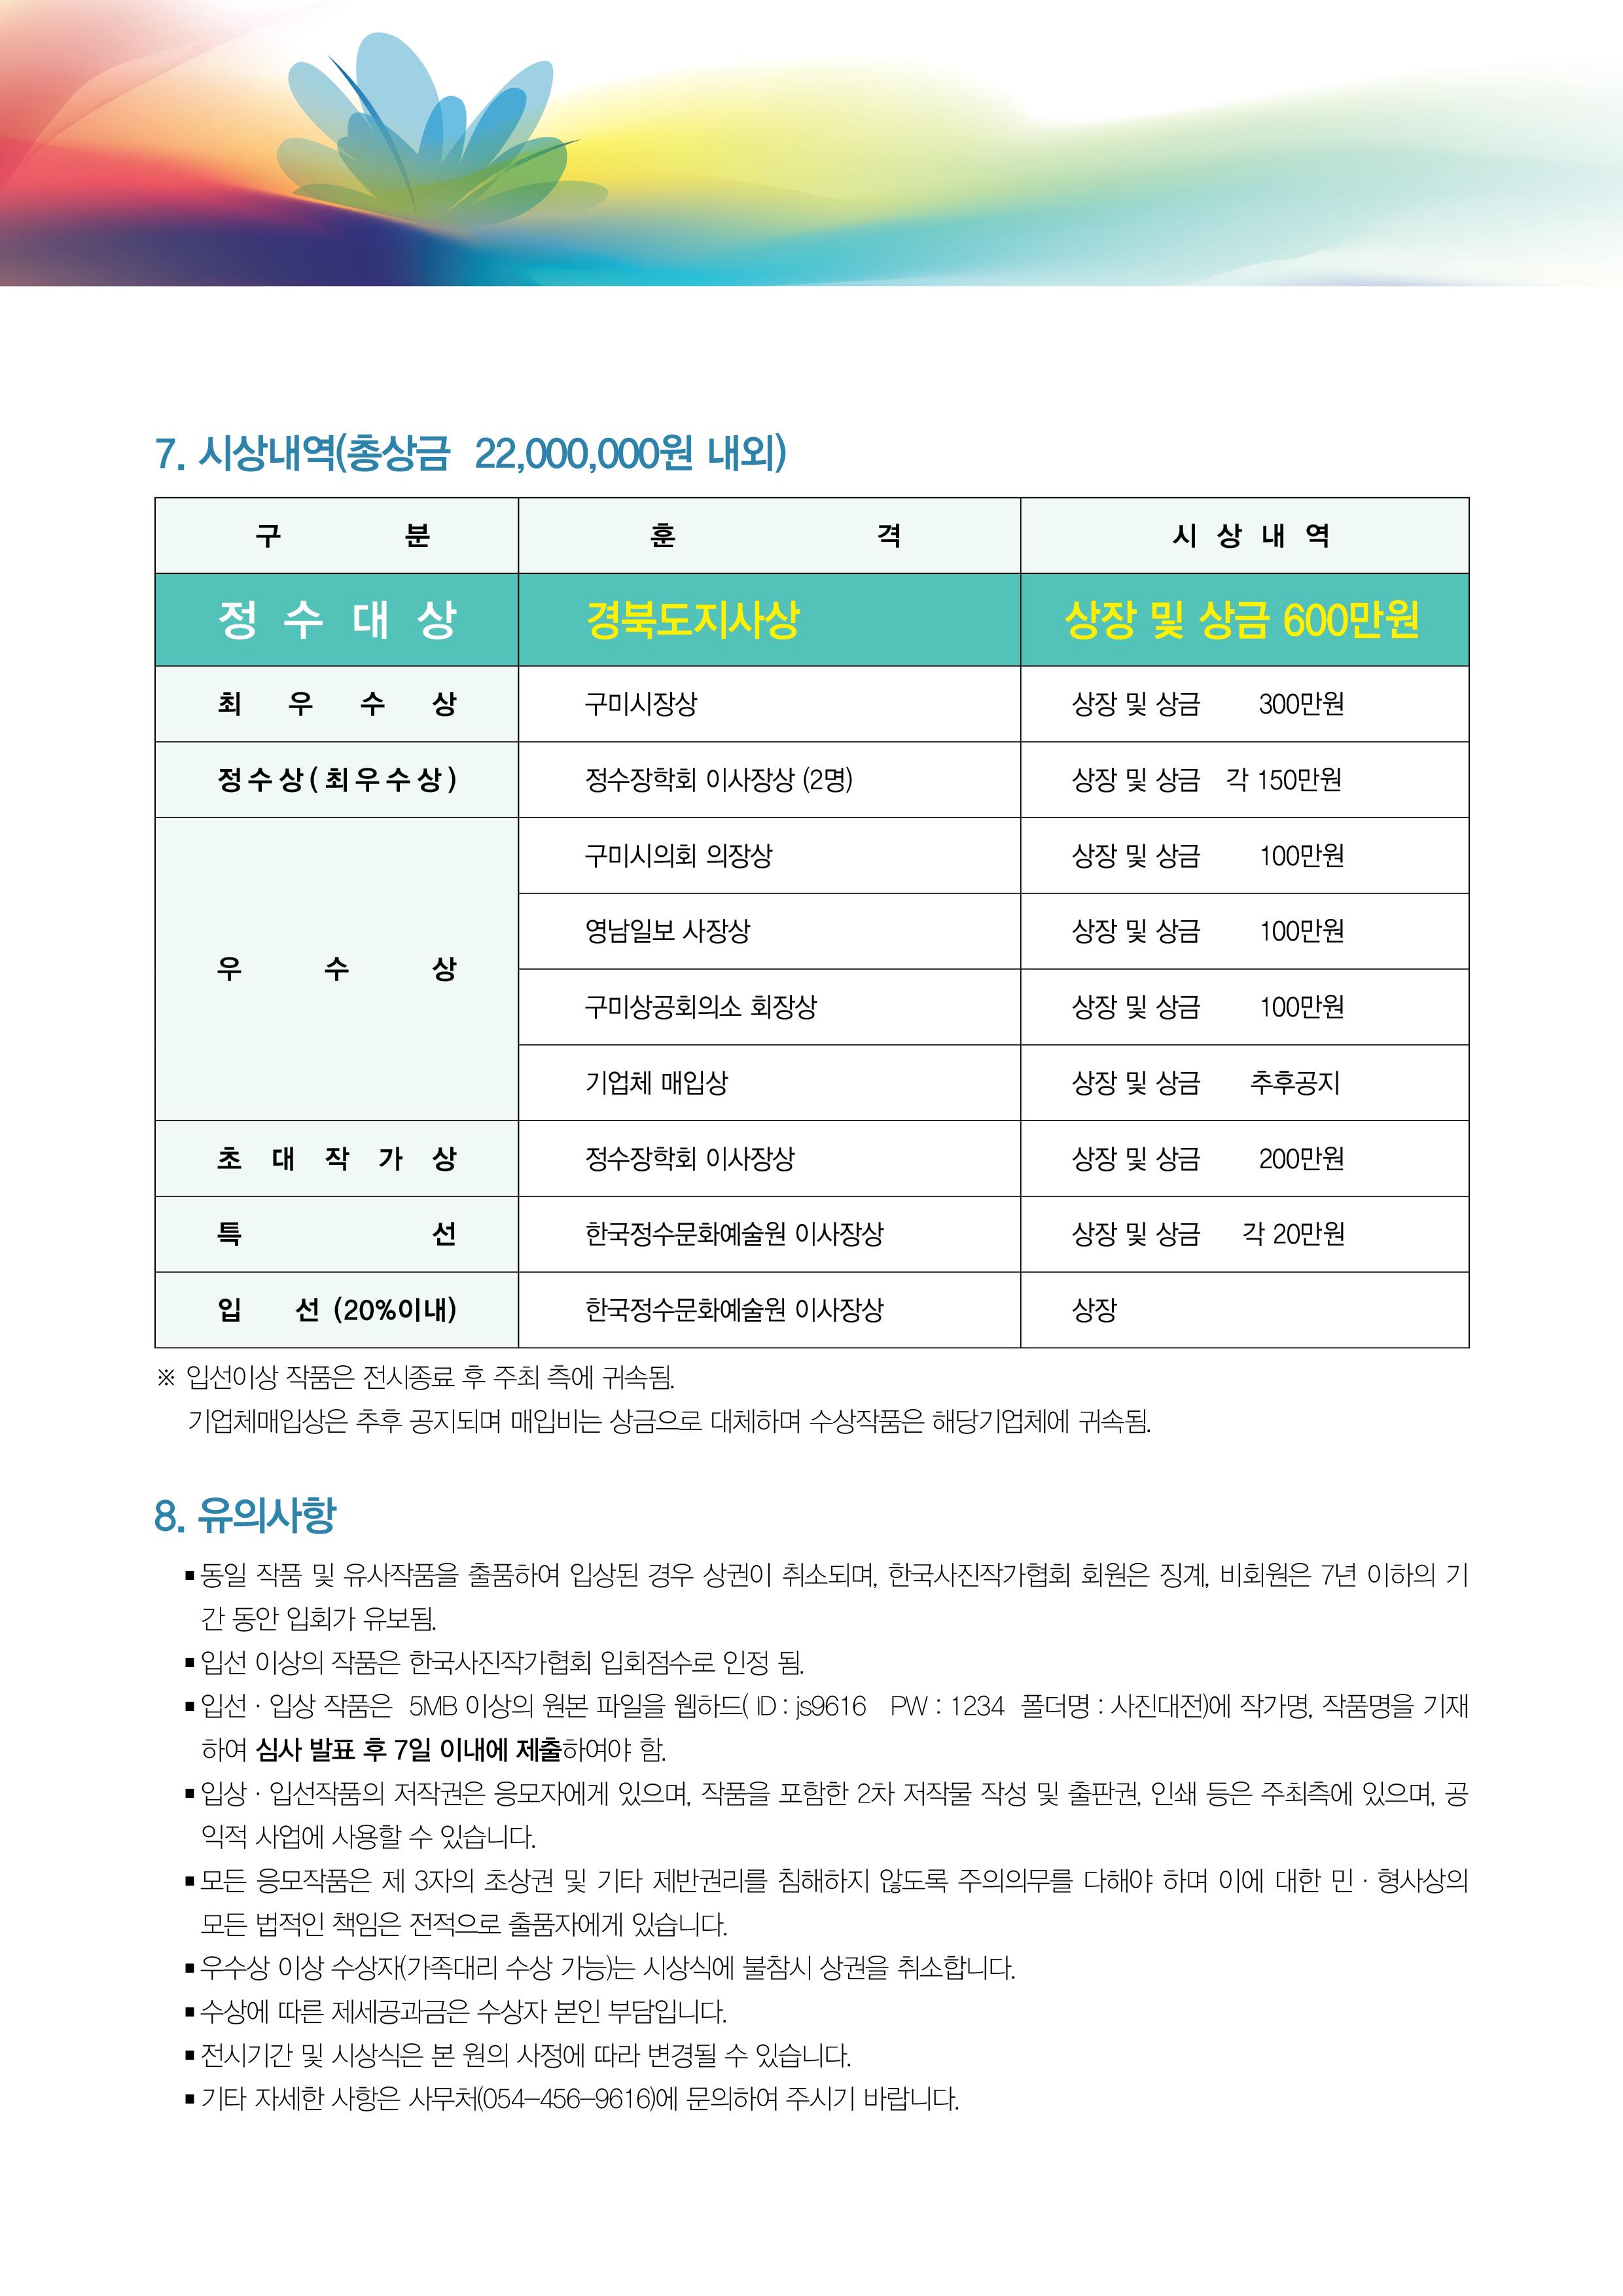 제22회 한국정수 사진대전-공모요강3.jpg